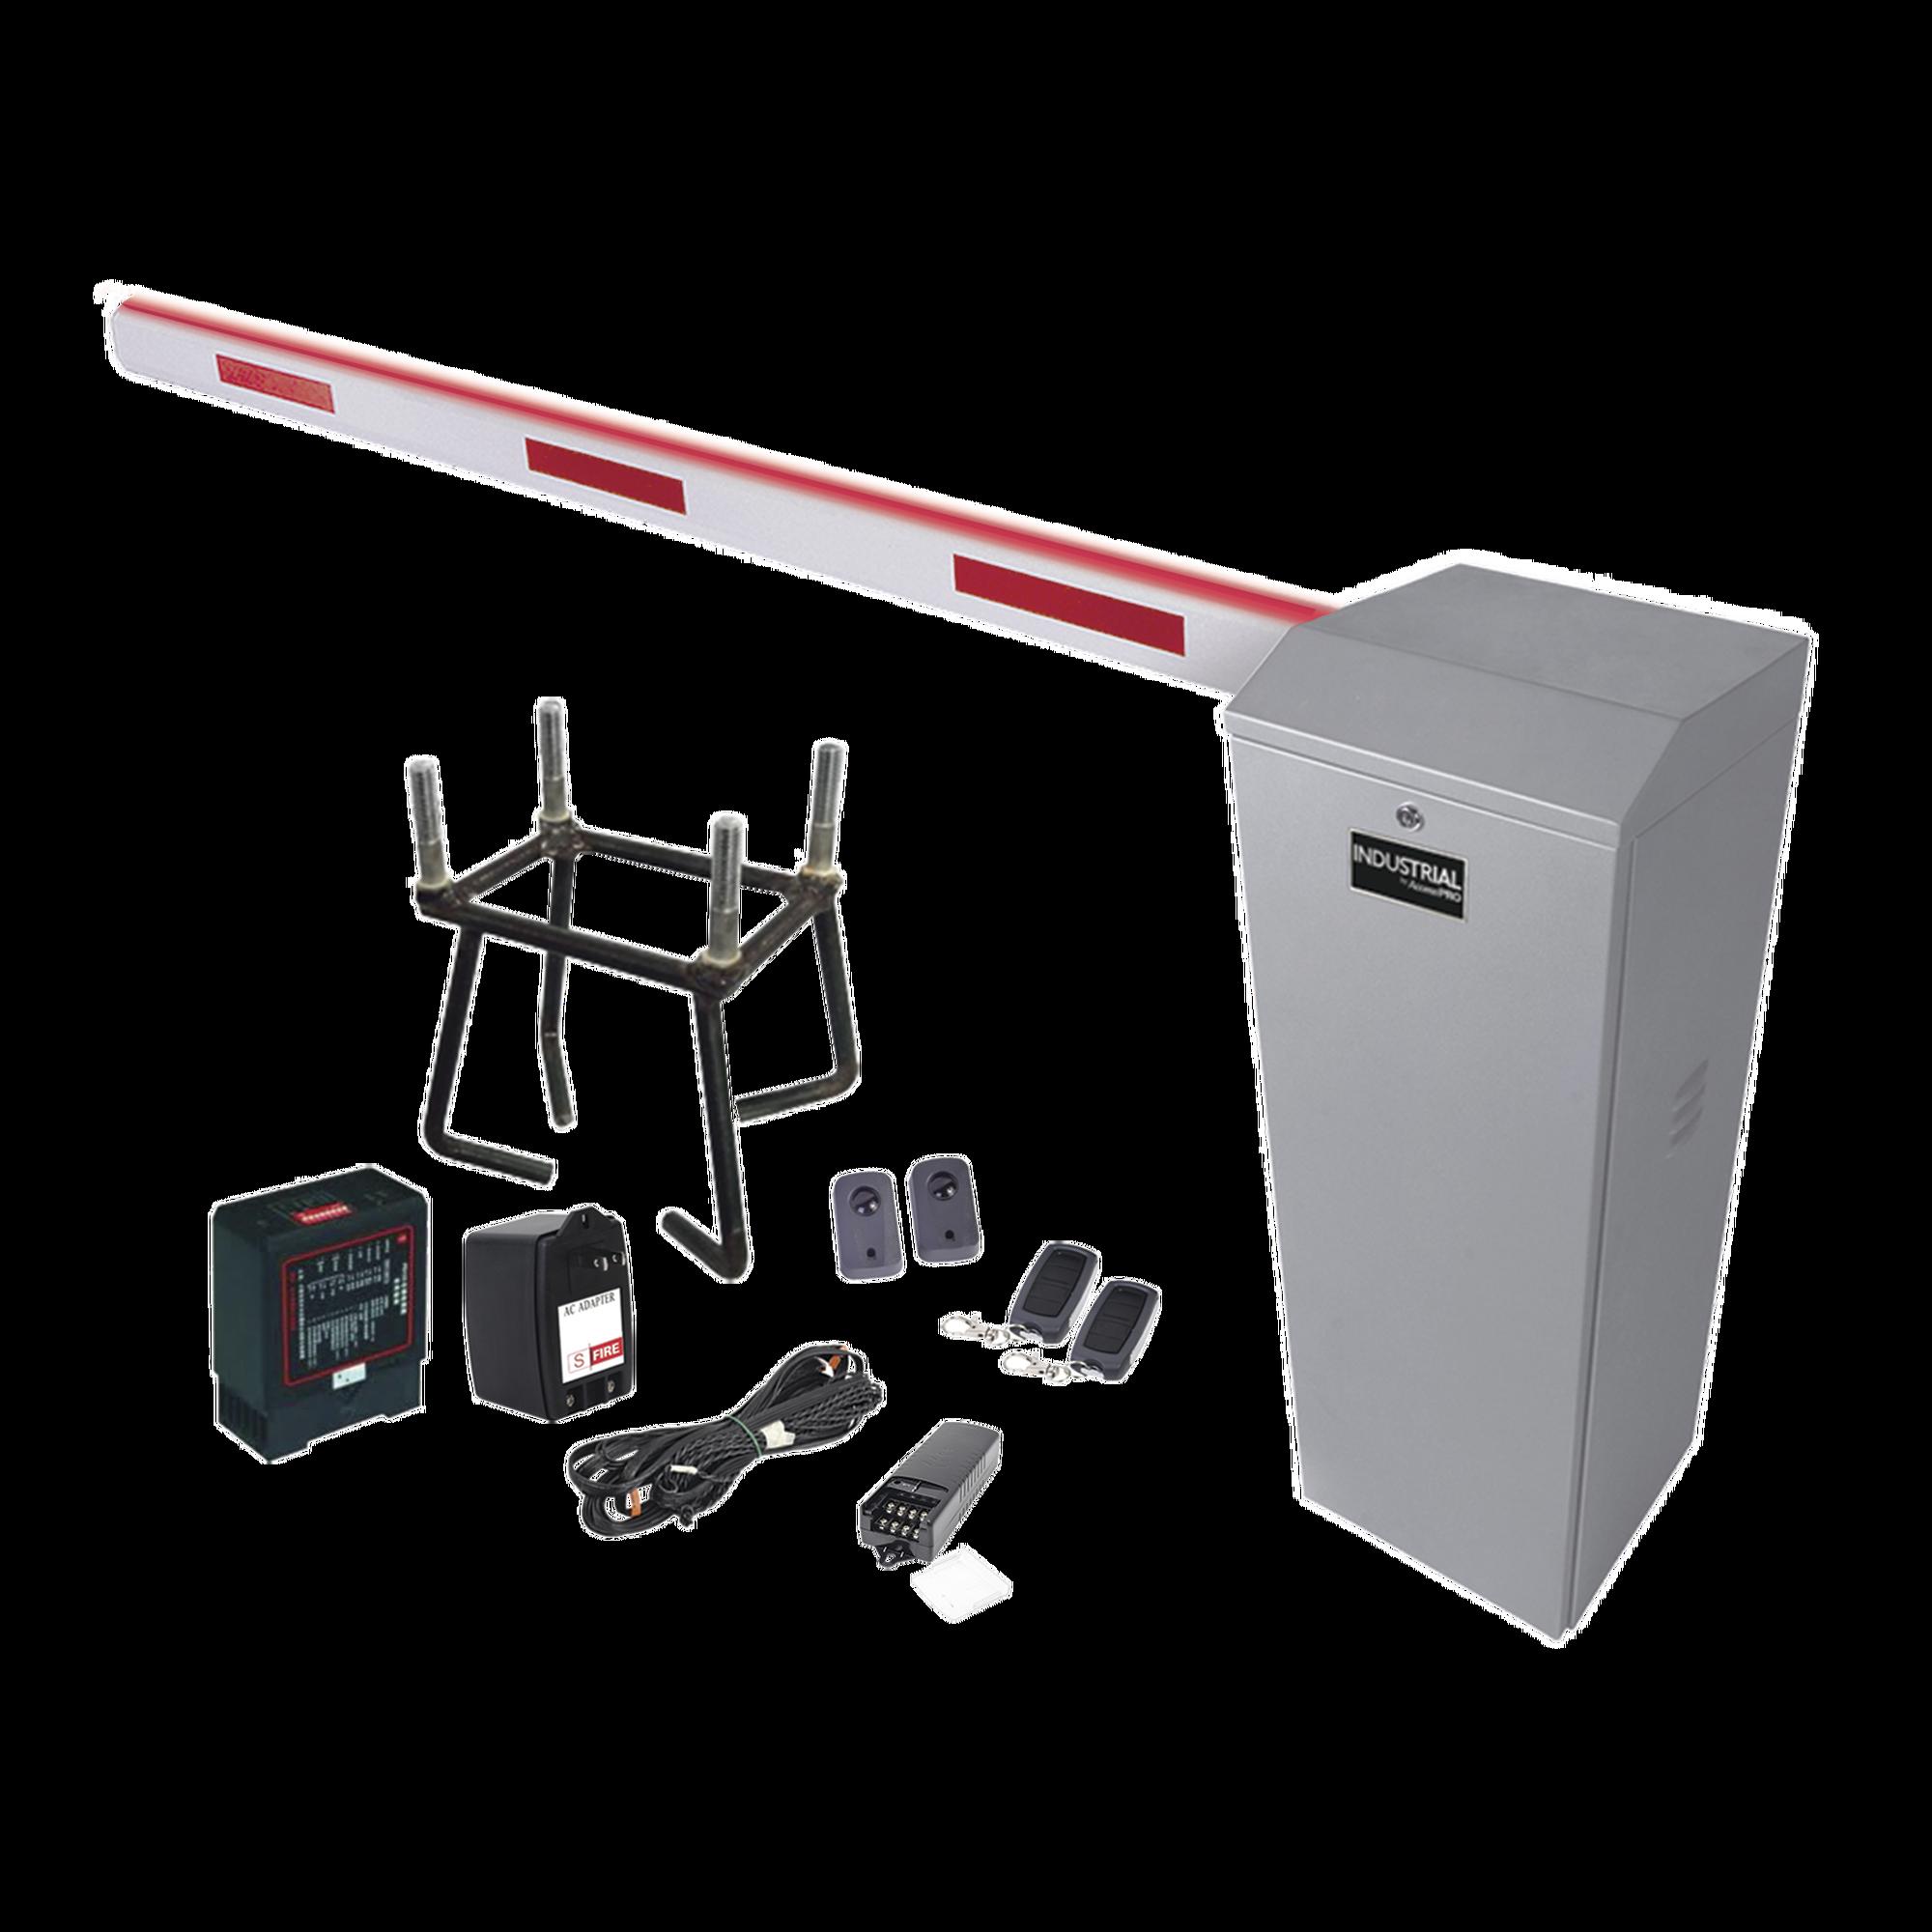 Kit COMPLETO Barrera Izquierda XB / 3M / Iluminacion LED Rojo-Verde / Incluye Sensor de masa, Transformador, Lazo, Ancla, Fotoceldas y 2 Controles Inalámbricos